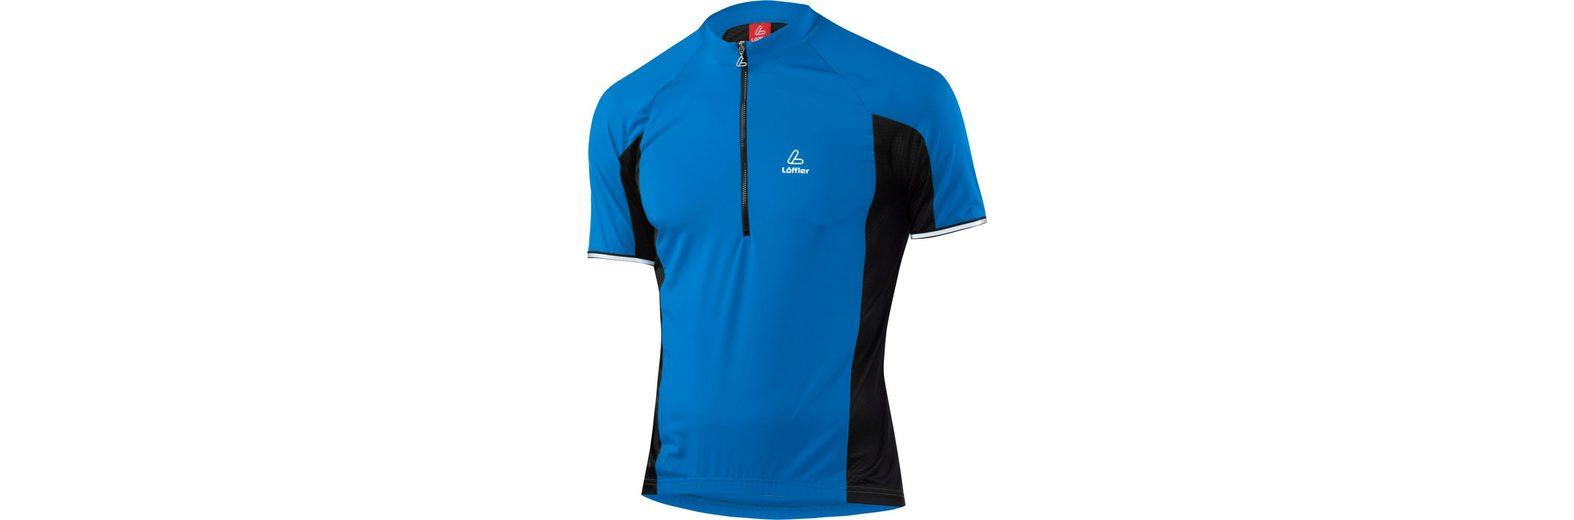 Löffler T-Shirt Lentia HZ Bike Trikot Herren Factory-Outlet-Verkauf Am Billigsten Billig Verkauf Online k5swLzM9U